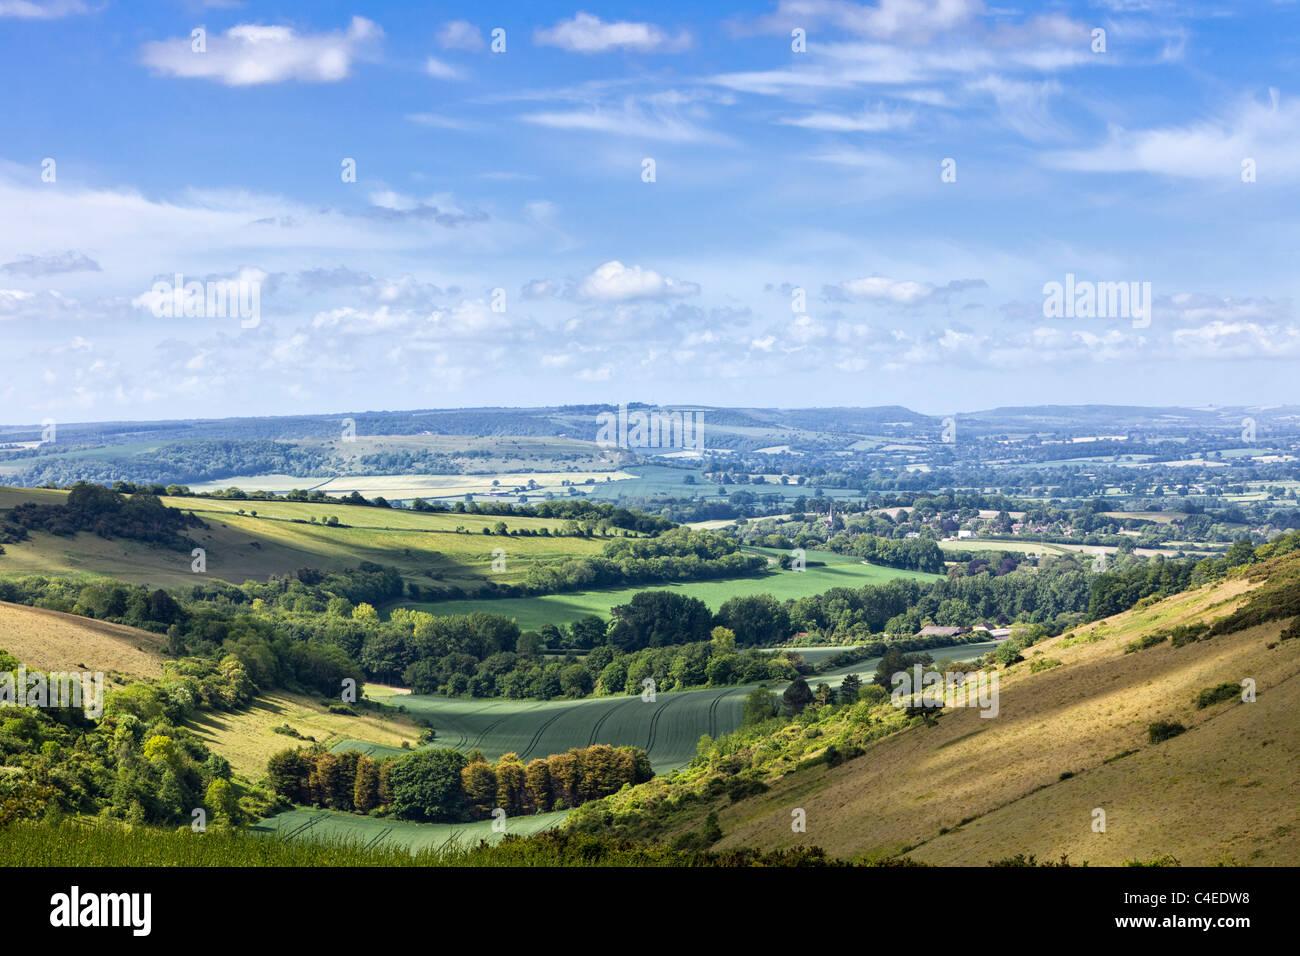 Vue sur la campagne anglaise des collines dans la campagne anglaise, Dorset, England, UK Photo Stock